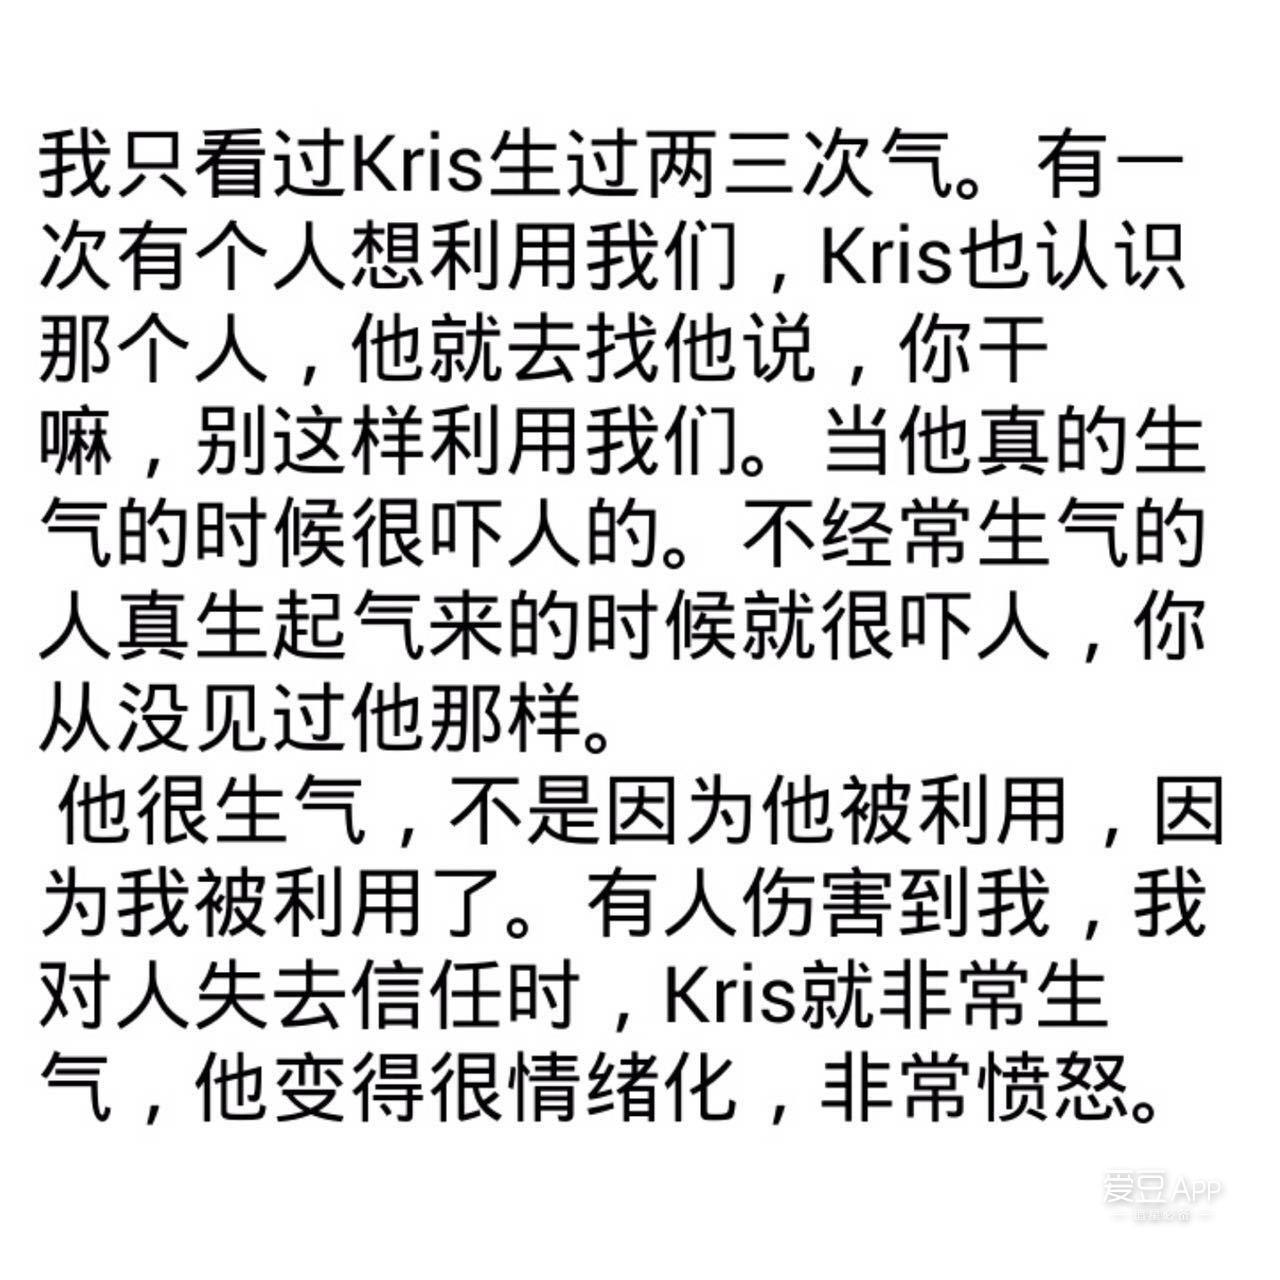 [吴亦凡][盘点]161117